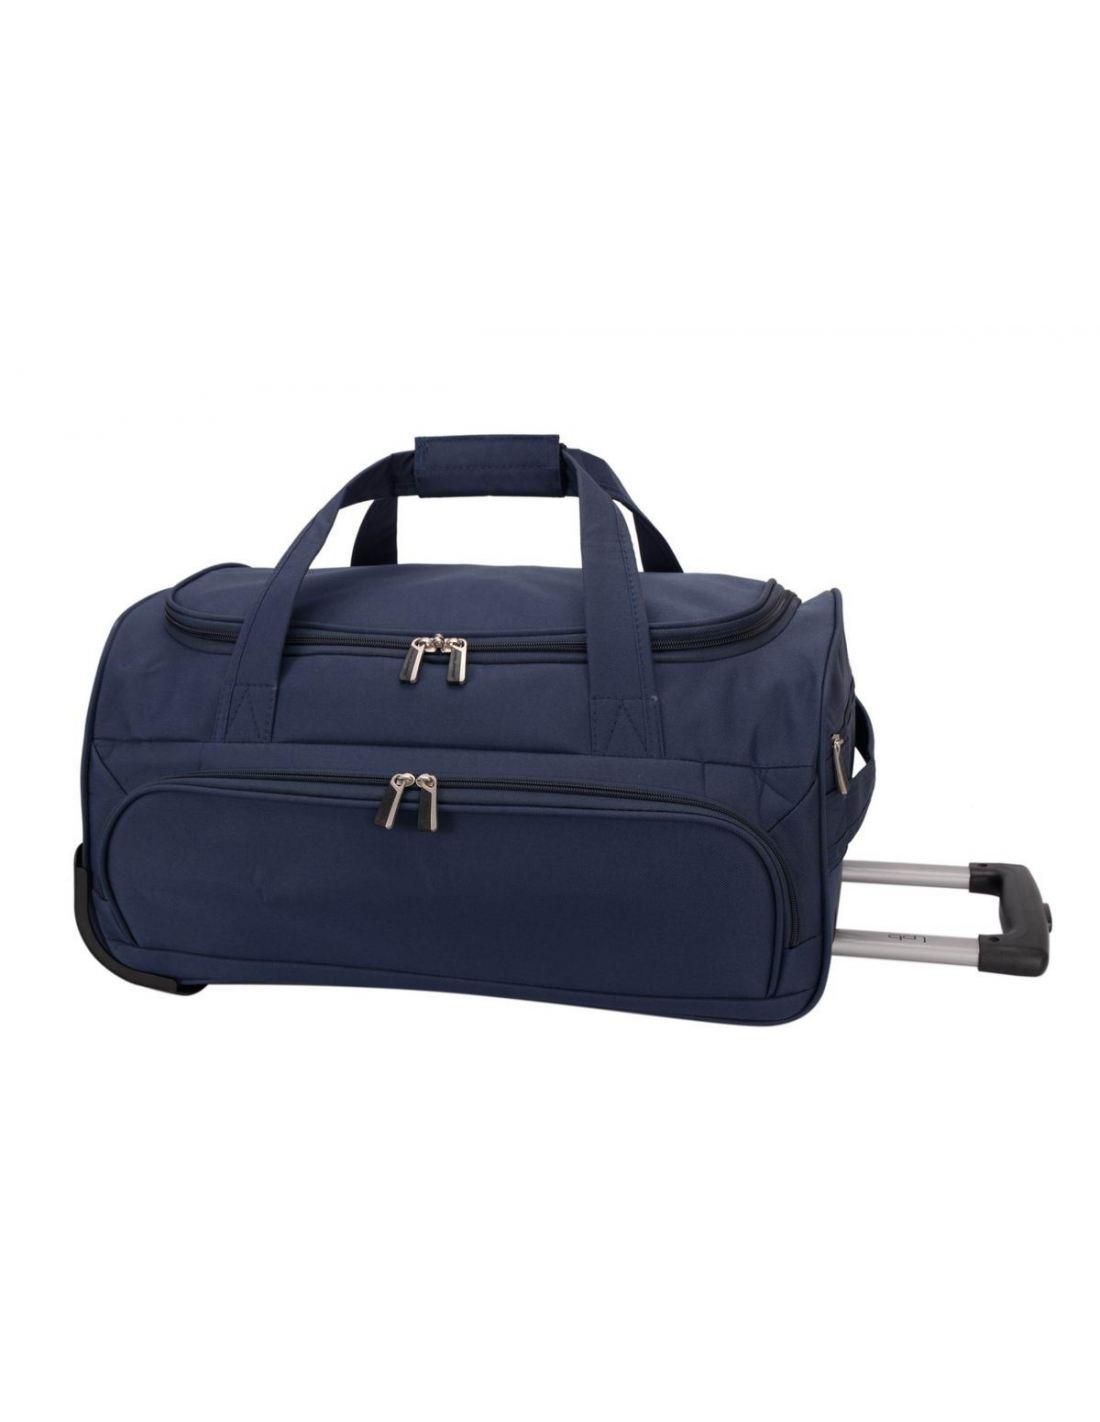 valise sac de voyage taille cabine avec